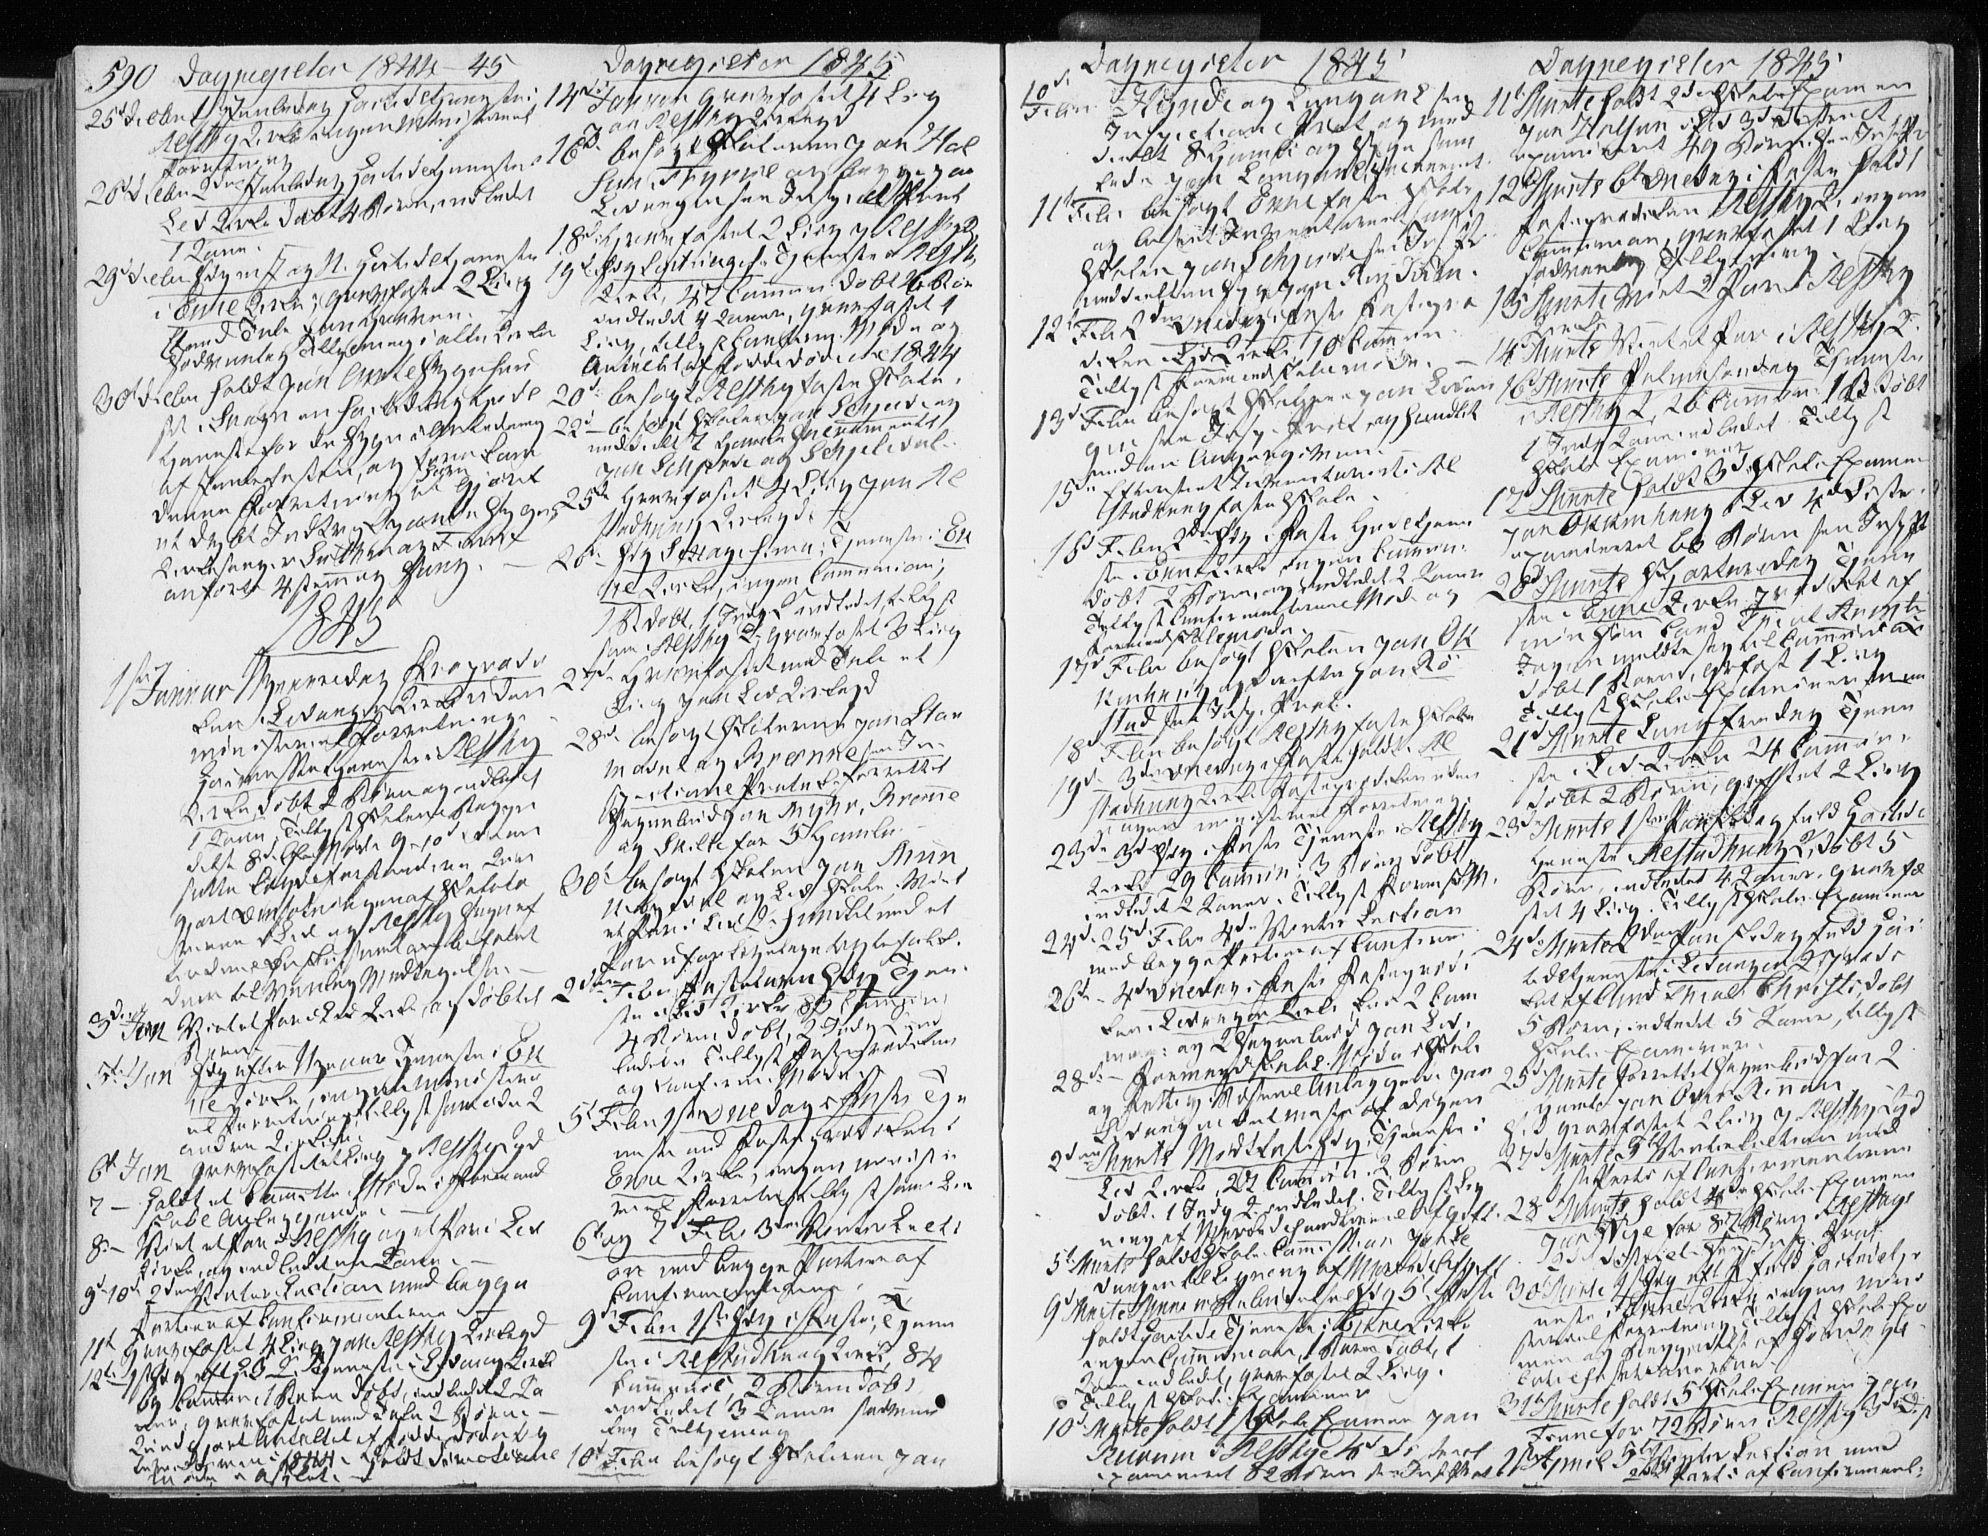 SAT, Ministerialprotokoller, klokkerbøker og fødselsregistre - Nord-Trøndelag, 717/L0154: Ministerialbok nr. 717A06 /1, 1836-1849, s. 590